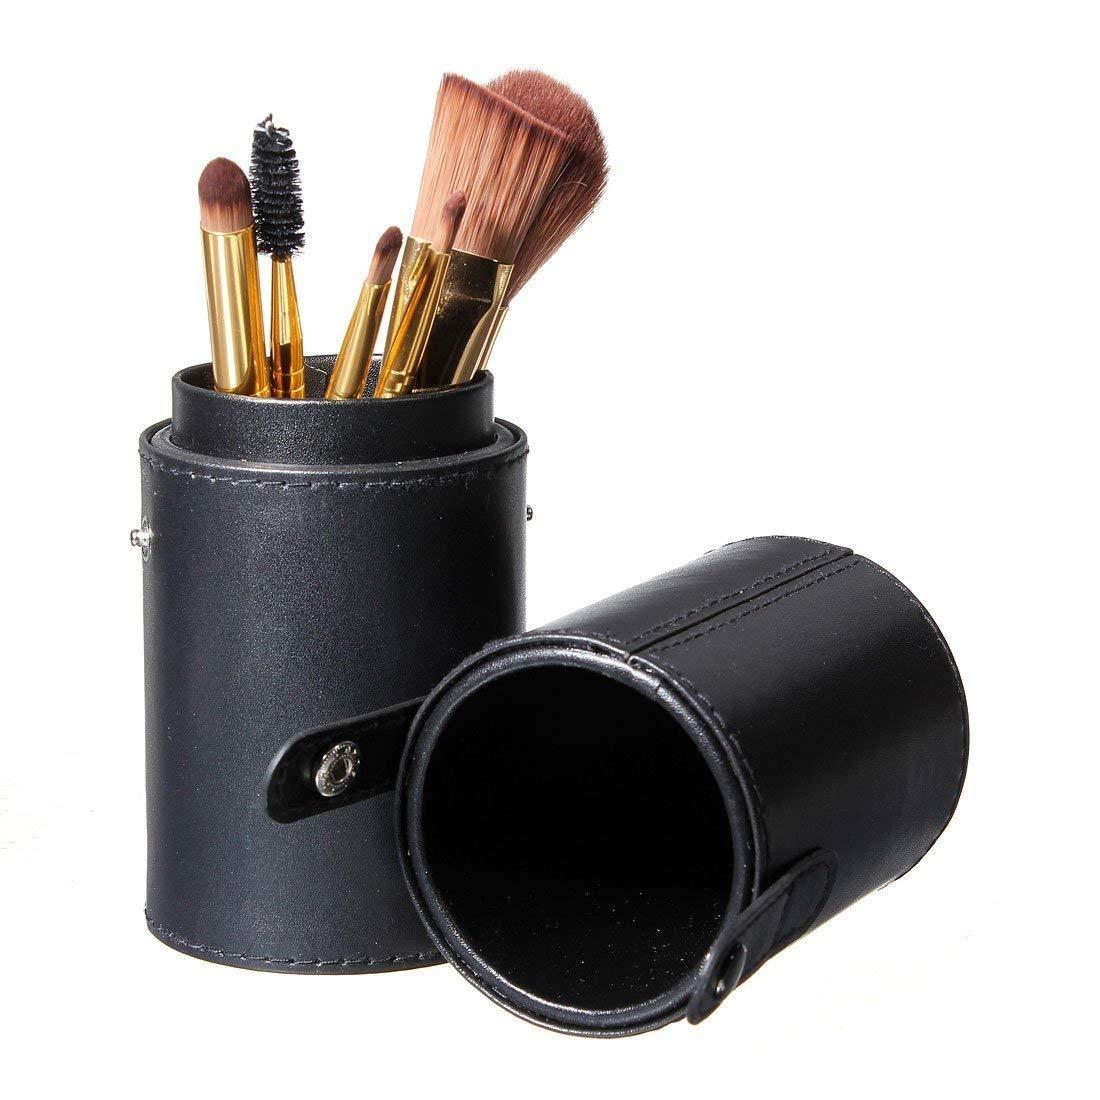 Kunstleder Makeup Pinselhalter Pinseltasche